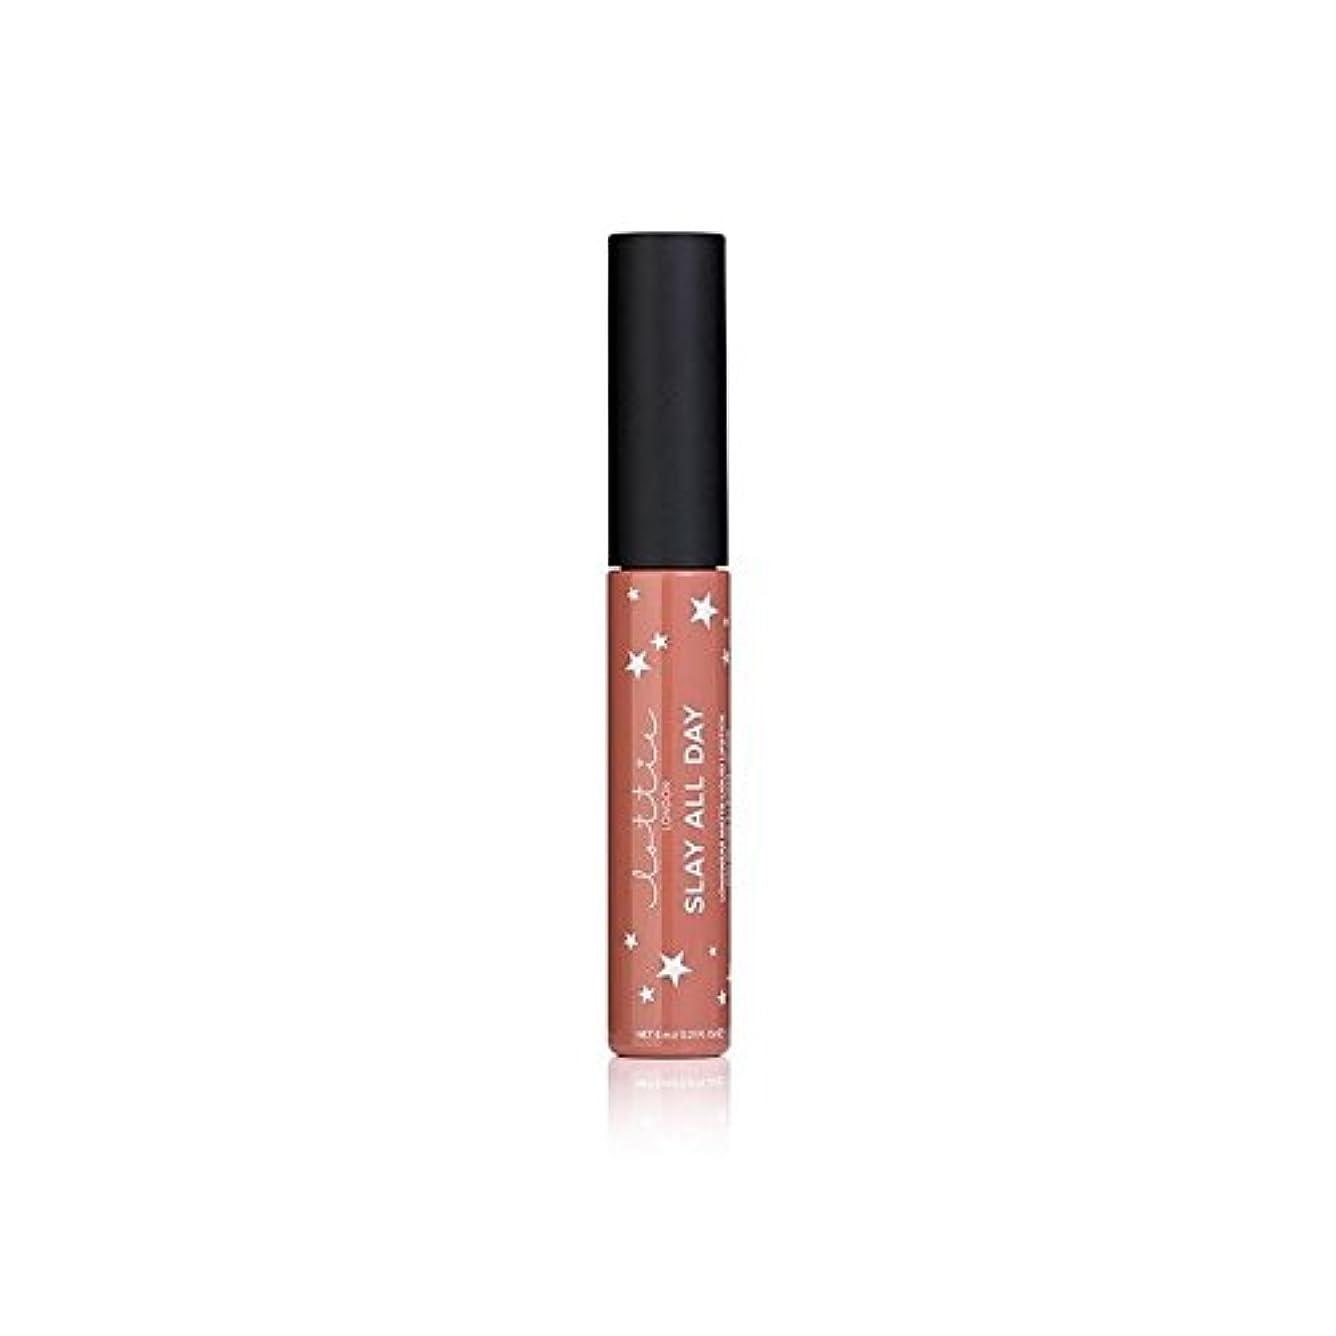 原告絶対のピークLottie London Matte Liquid Lipstick - Fleek (Pack of 6) - - ロンドンマット液体口紅を x6 [並行輸入品]